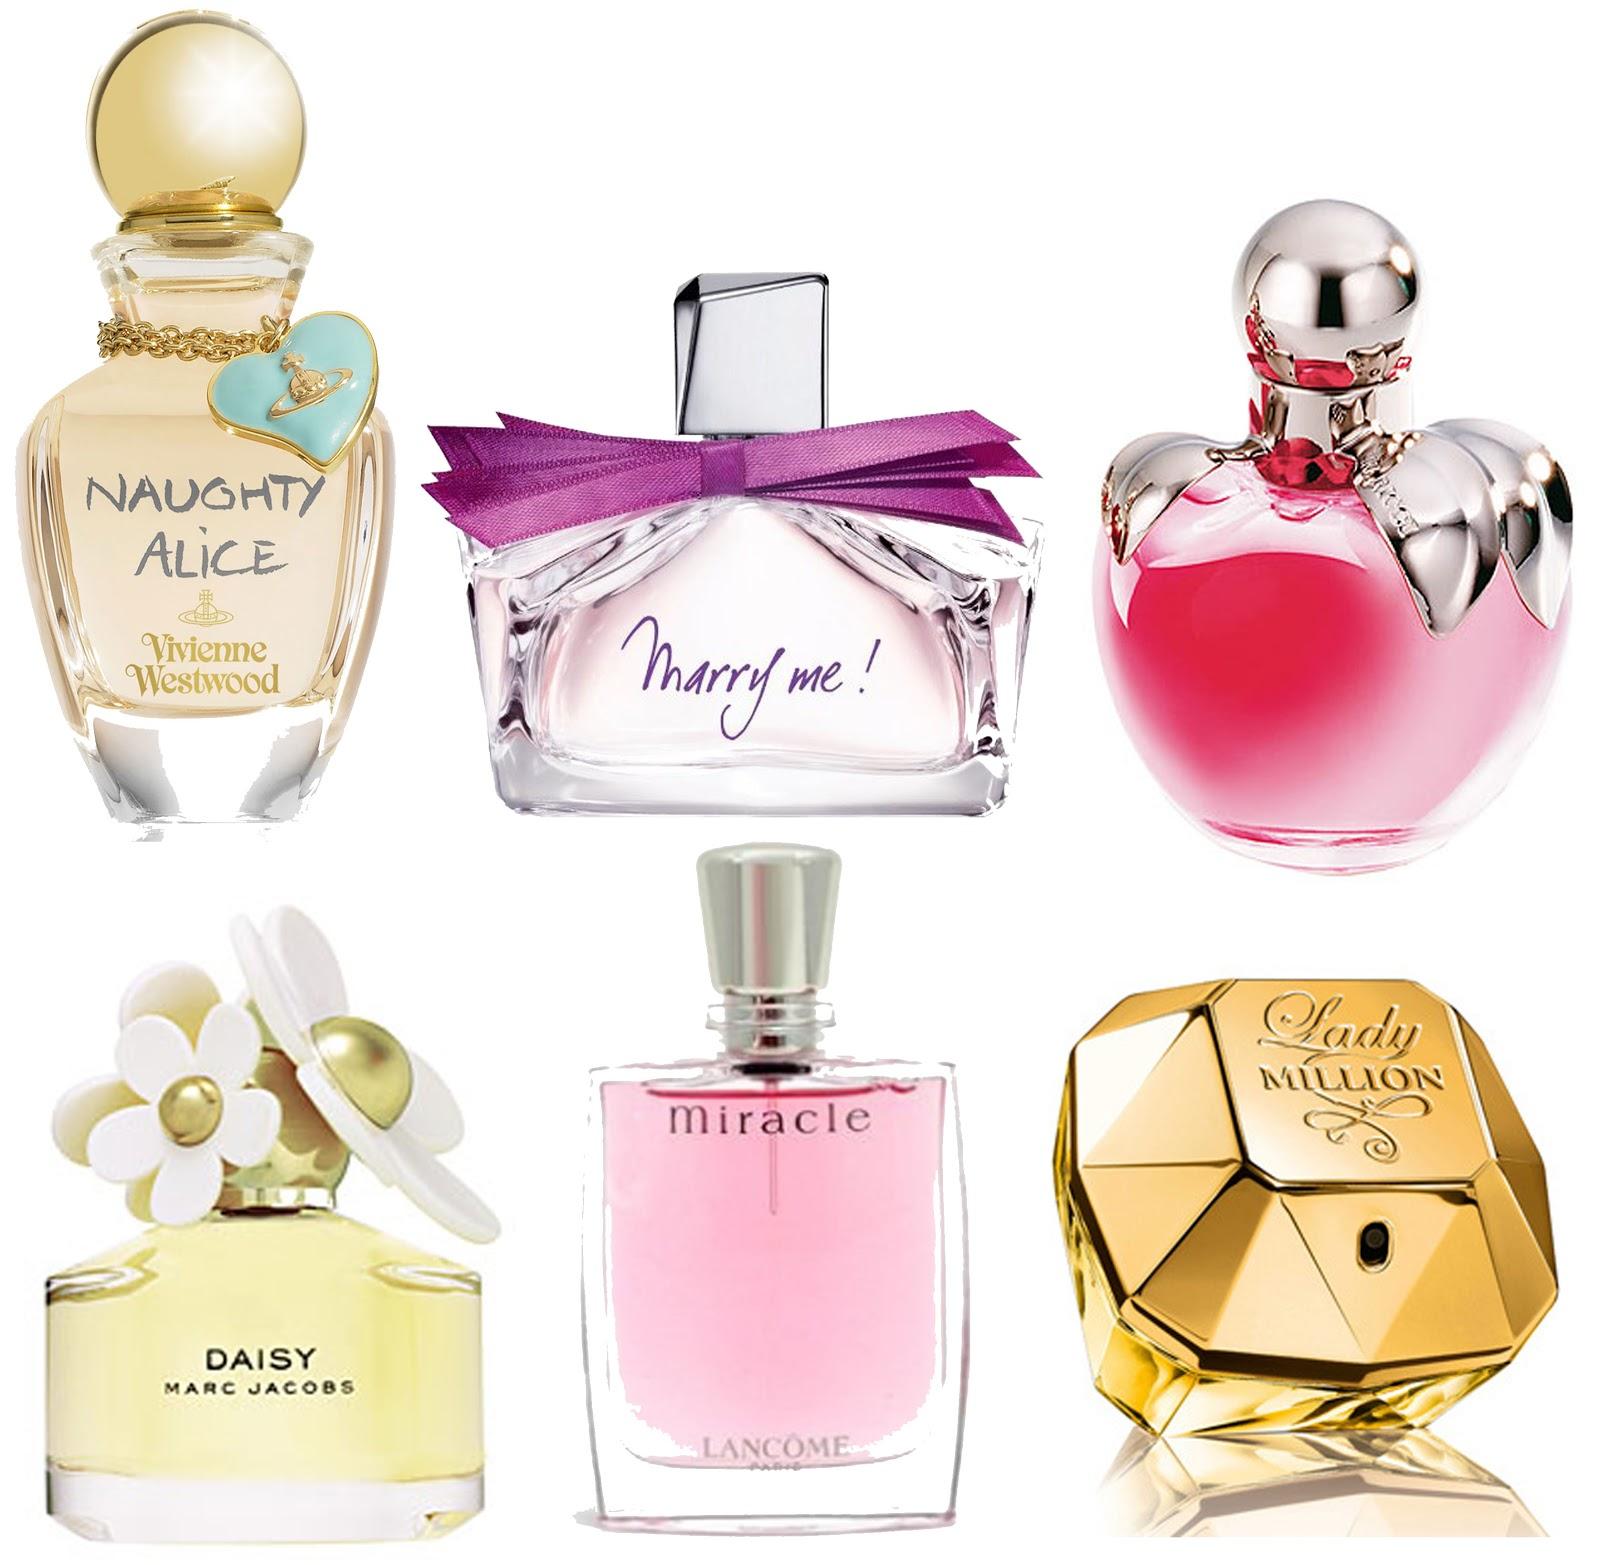 http://2.bp.blogspot.com/_FeYTcSBKTQw/TU8MycZ1CjI/AAAAAAAAAOY/BM-VUrf9lvA/s1600/perfume2.jpg